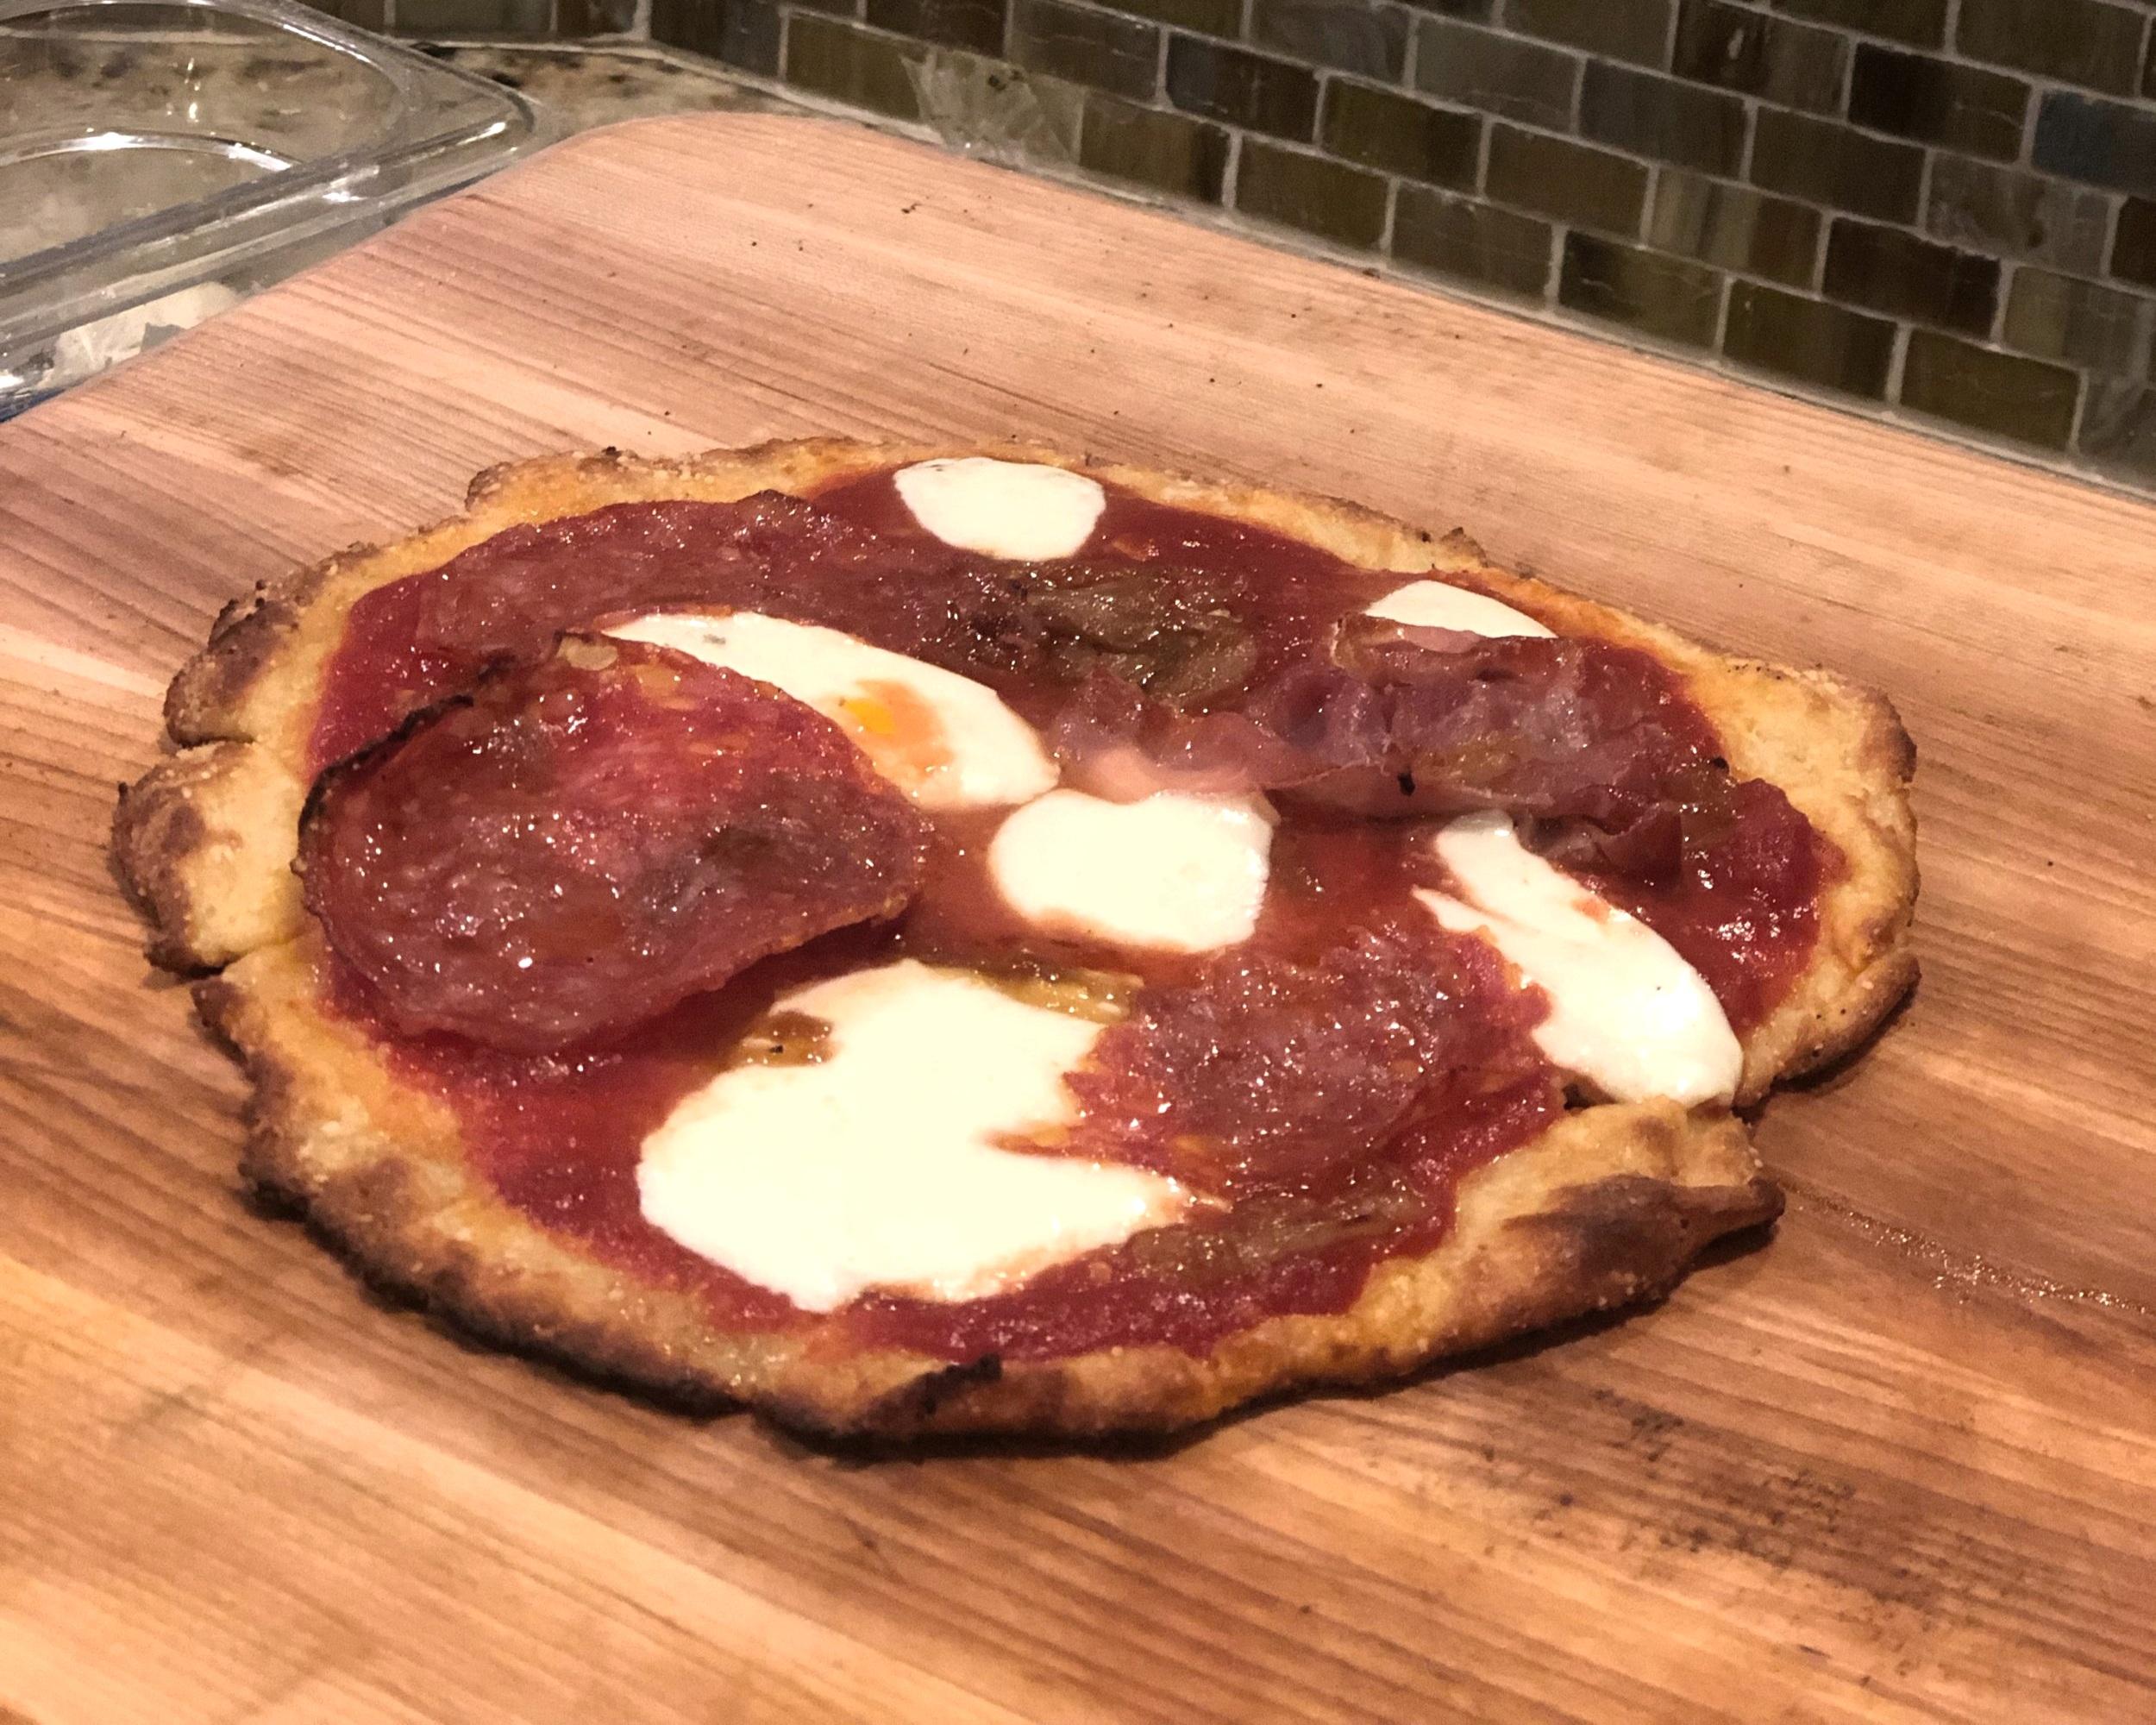 Keto pizza - Fresh Mozzarella, Prosciutto and Old world Pepperoni